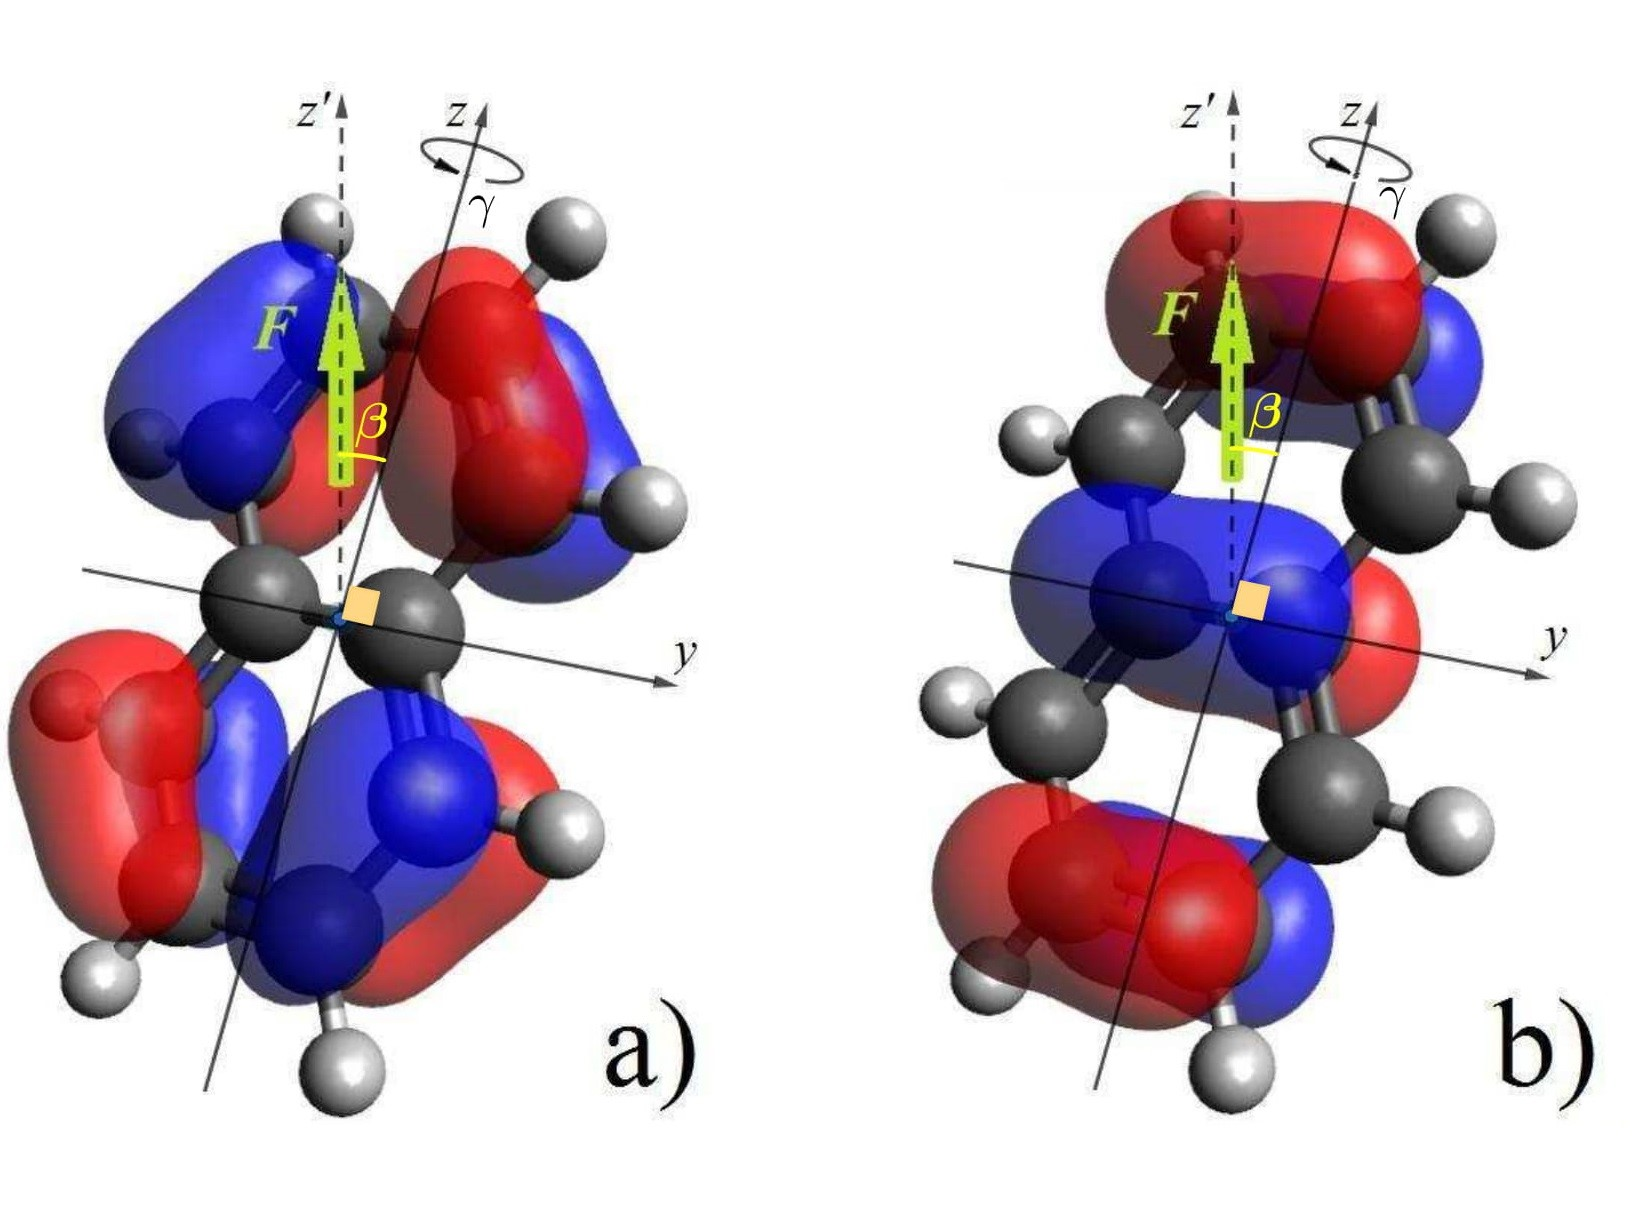 <strong>Рисунок 1.</strong> Ориентация молекулы нафталина по отношению квнешнему электрическому полю может быть описана двумя углами <em>β</em> и<em>γ</em> следующим образом. Электрическое поле <em>F</em> направлено вдоль оси <em>z′</em>, угол между молекулярной осью <em>z</em> иосью <em>z′</em> образует угол <em>β</em>. Угол <em>γ</em> поворота вокруг оси <em>z</em> определяет произвольную конечную ориентацию молекулы по отношению кполю <em>F</em>. Такие углы называются углами Эйлера. Нарисунке также показаны две внешние (<em>a</em> и<em>b</em>) орбитали молекулы нафталина— области локализации двух внешних электронов молекулы, которые вприсутствии сильного электрического поля ионизуются впервую очередь. Рисунок предоставлен авторами исследования.